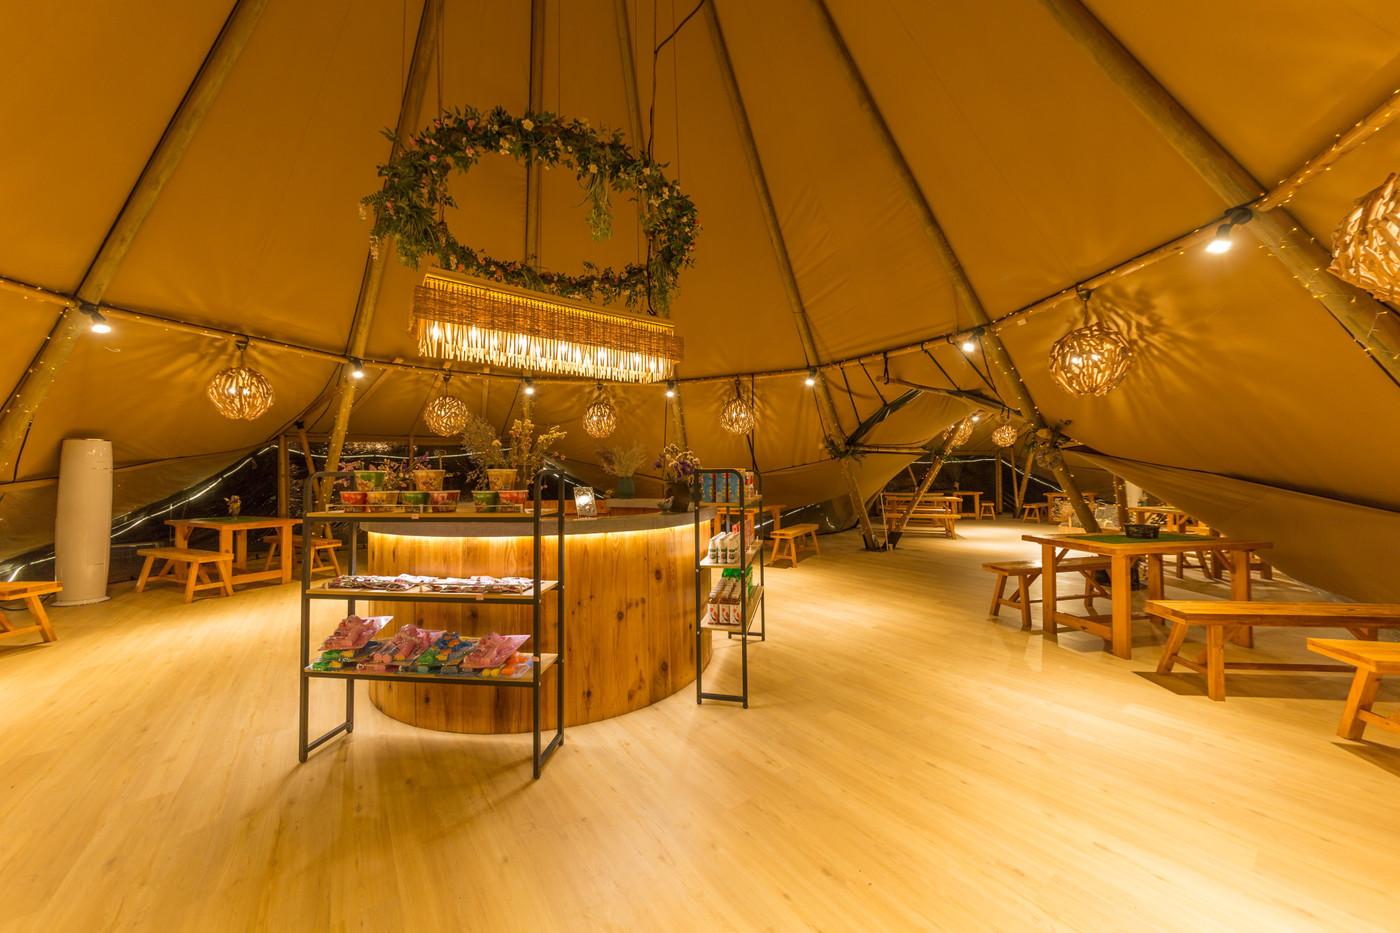 喜马拉雅印第安多功能大厅—淮安白马湖生态旅游度假区36